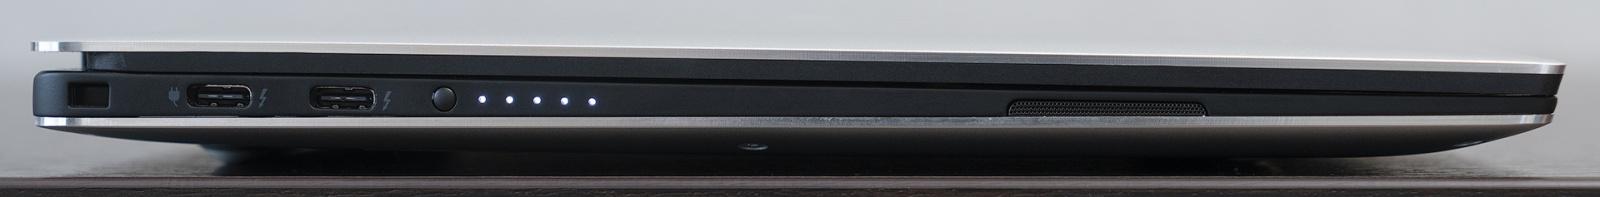 XPS 13 9310: эволюционный апгрейд флагманского ультрабука Dell с Tiger Lake внутри - 4